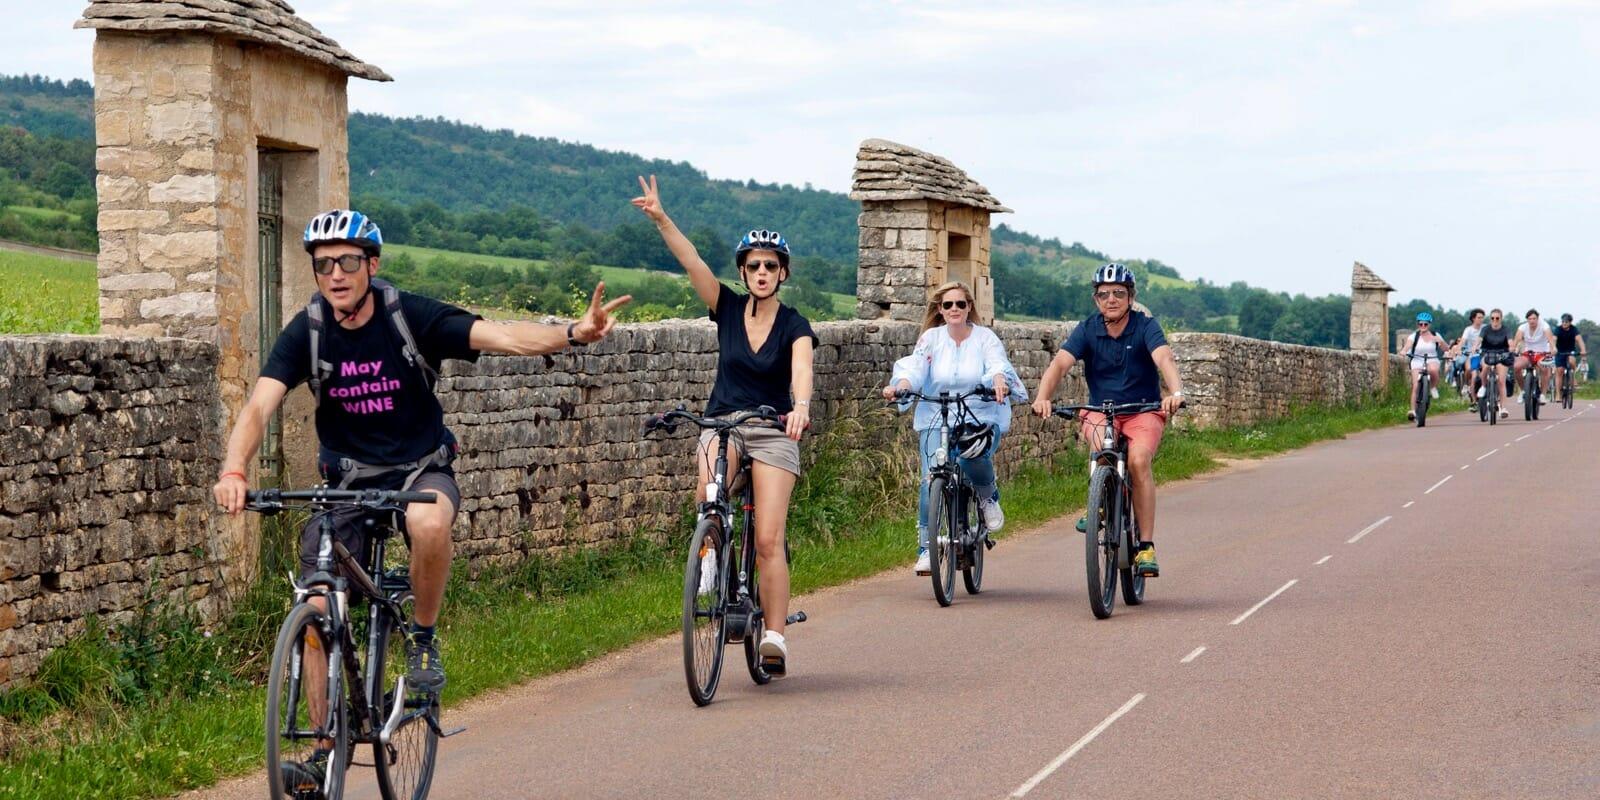 Fun bike tour in Burgundy